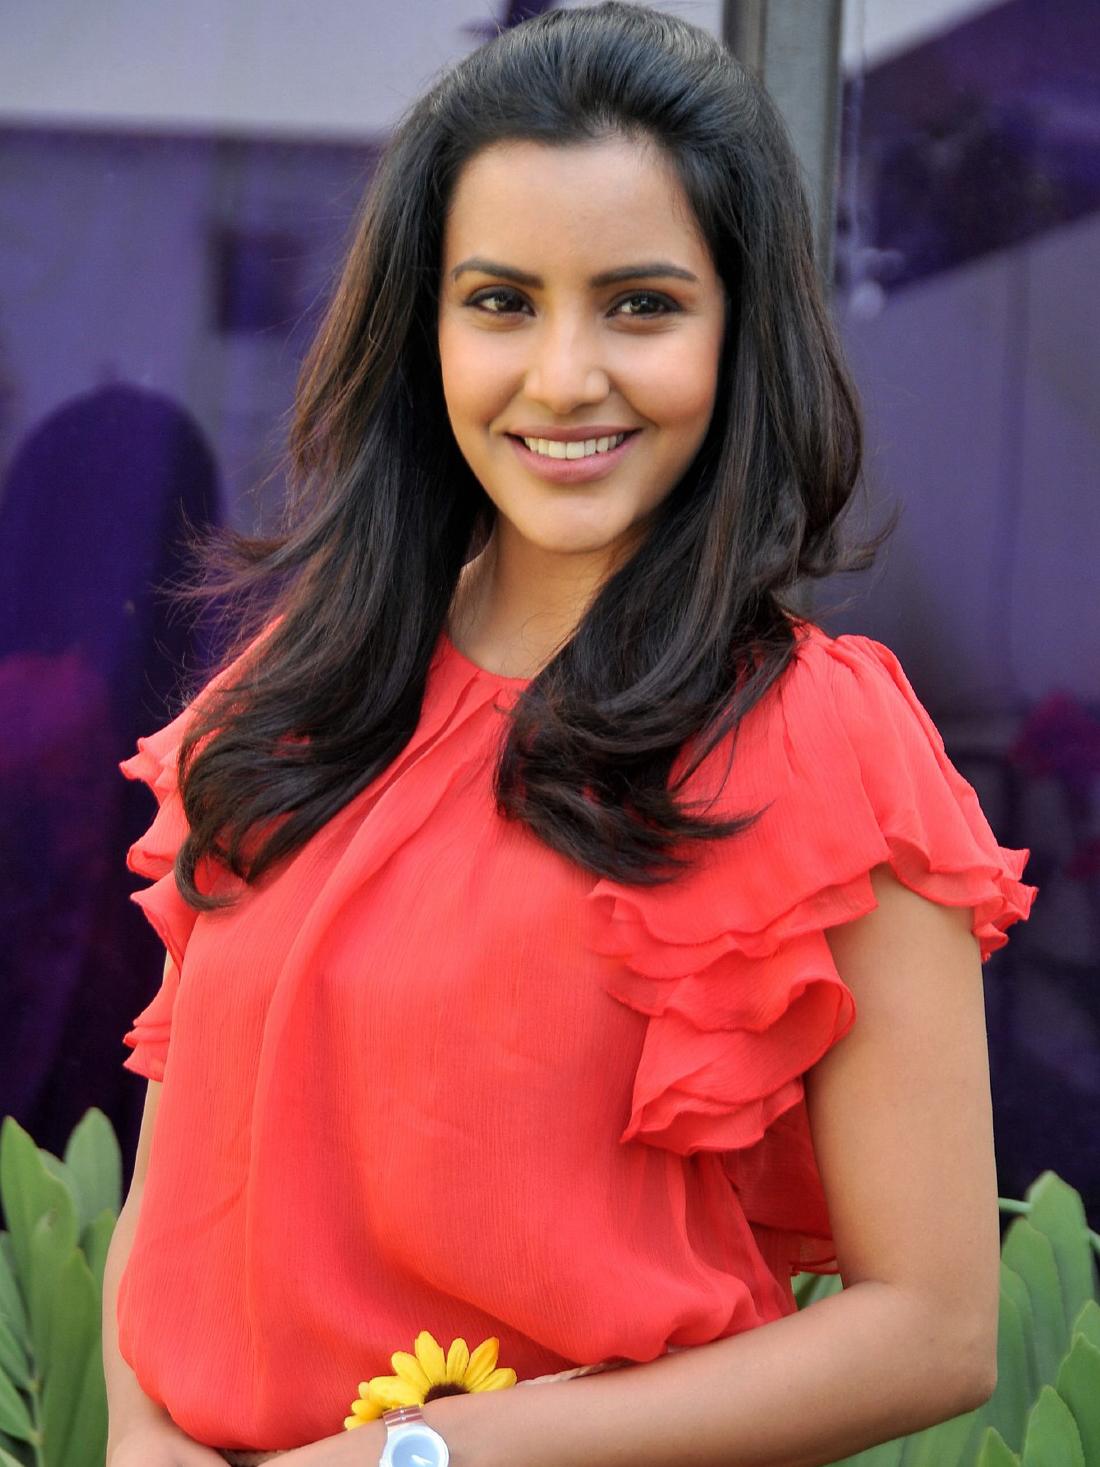 http://3.bp.blogspot.com/-yVW9v8cSK5s/TVk0JR5usmI/AAAAAAAAFiI/vdoYerM6Cvc/s1600/Priya-Anand-At-180-Movie-Pressmeet-3.jpg